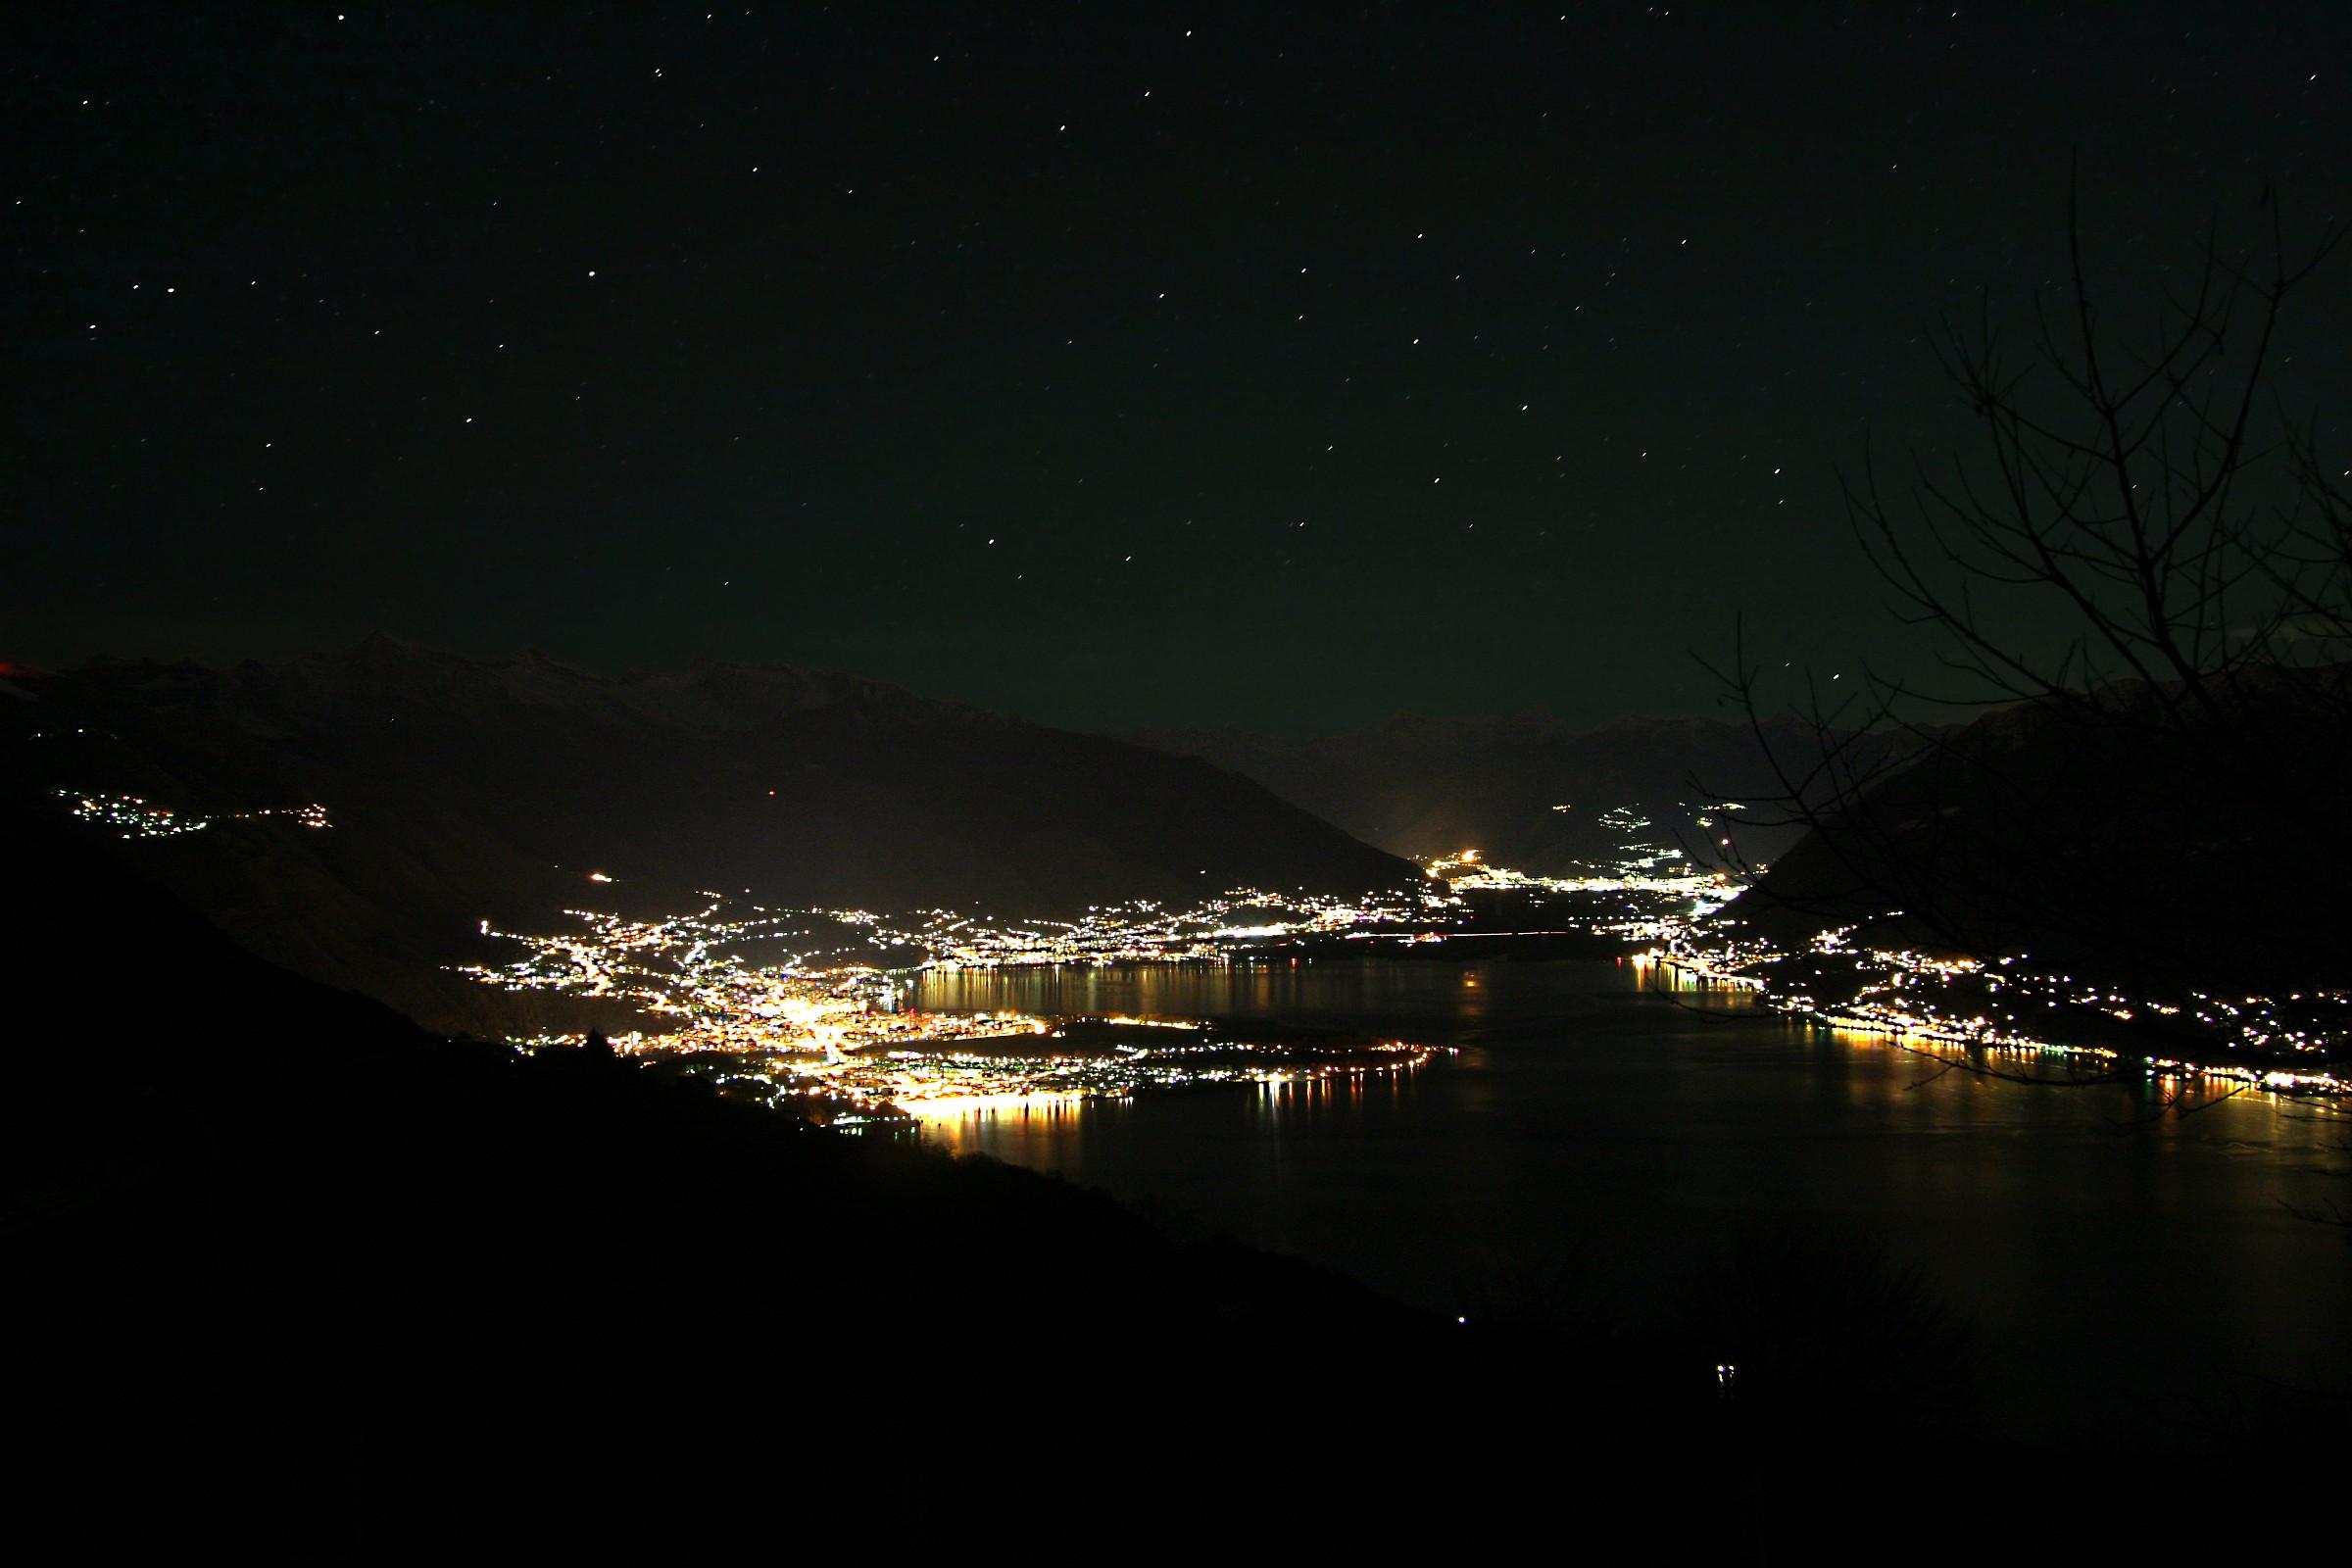 Light pollution...